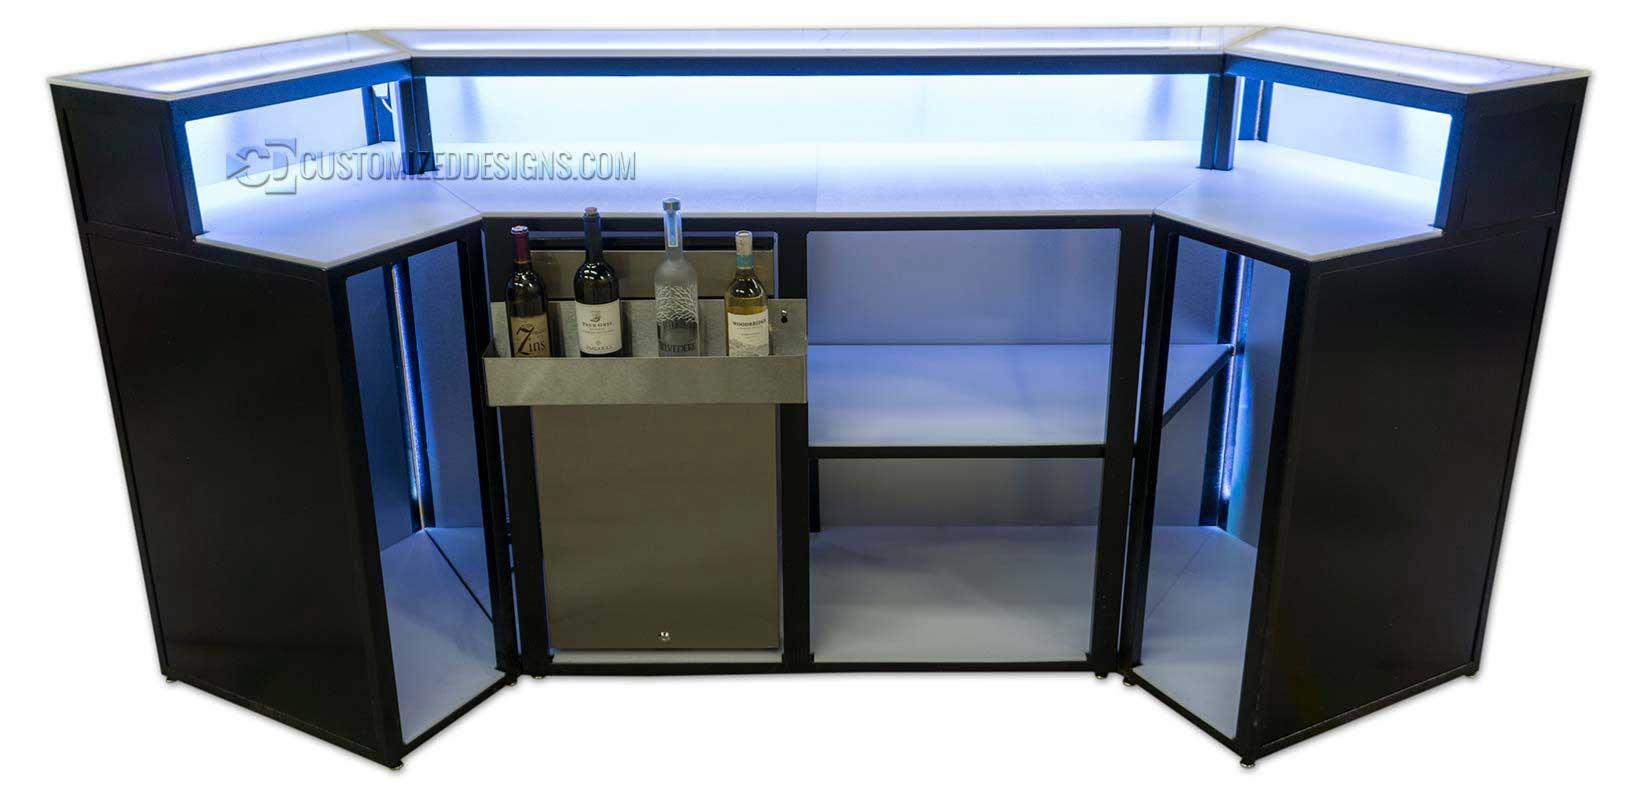 Modular Portable Bar Custom Bars For Commercial Bars Amp Restaurants